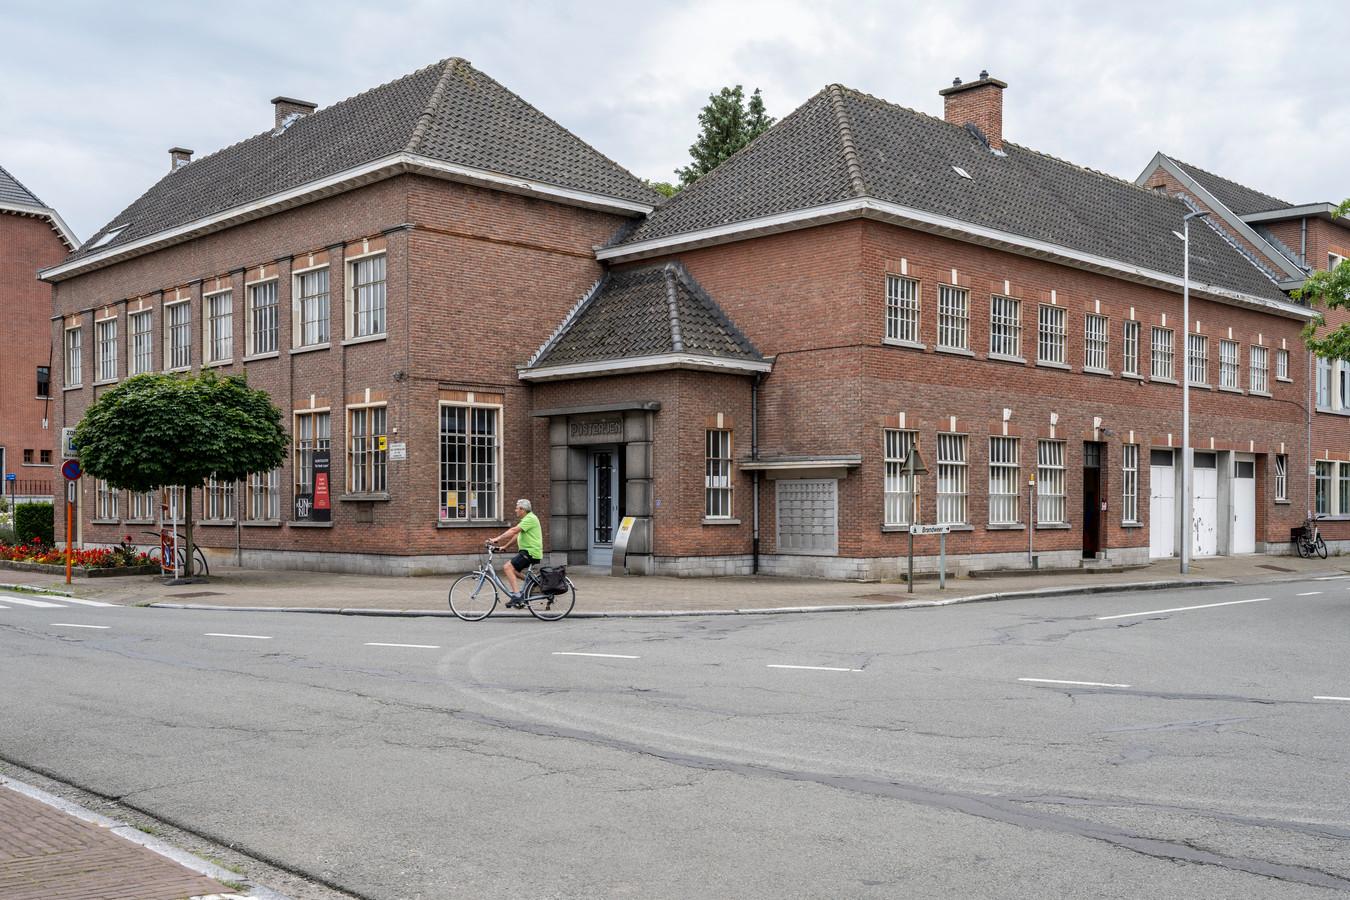 Het oude postgebouw zal onder de sloophamer verdwijnen om plaats te maken voor een nieuwbouw.